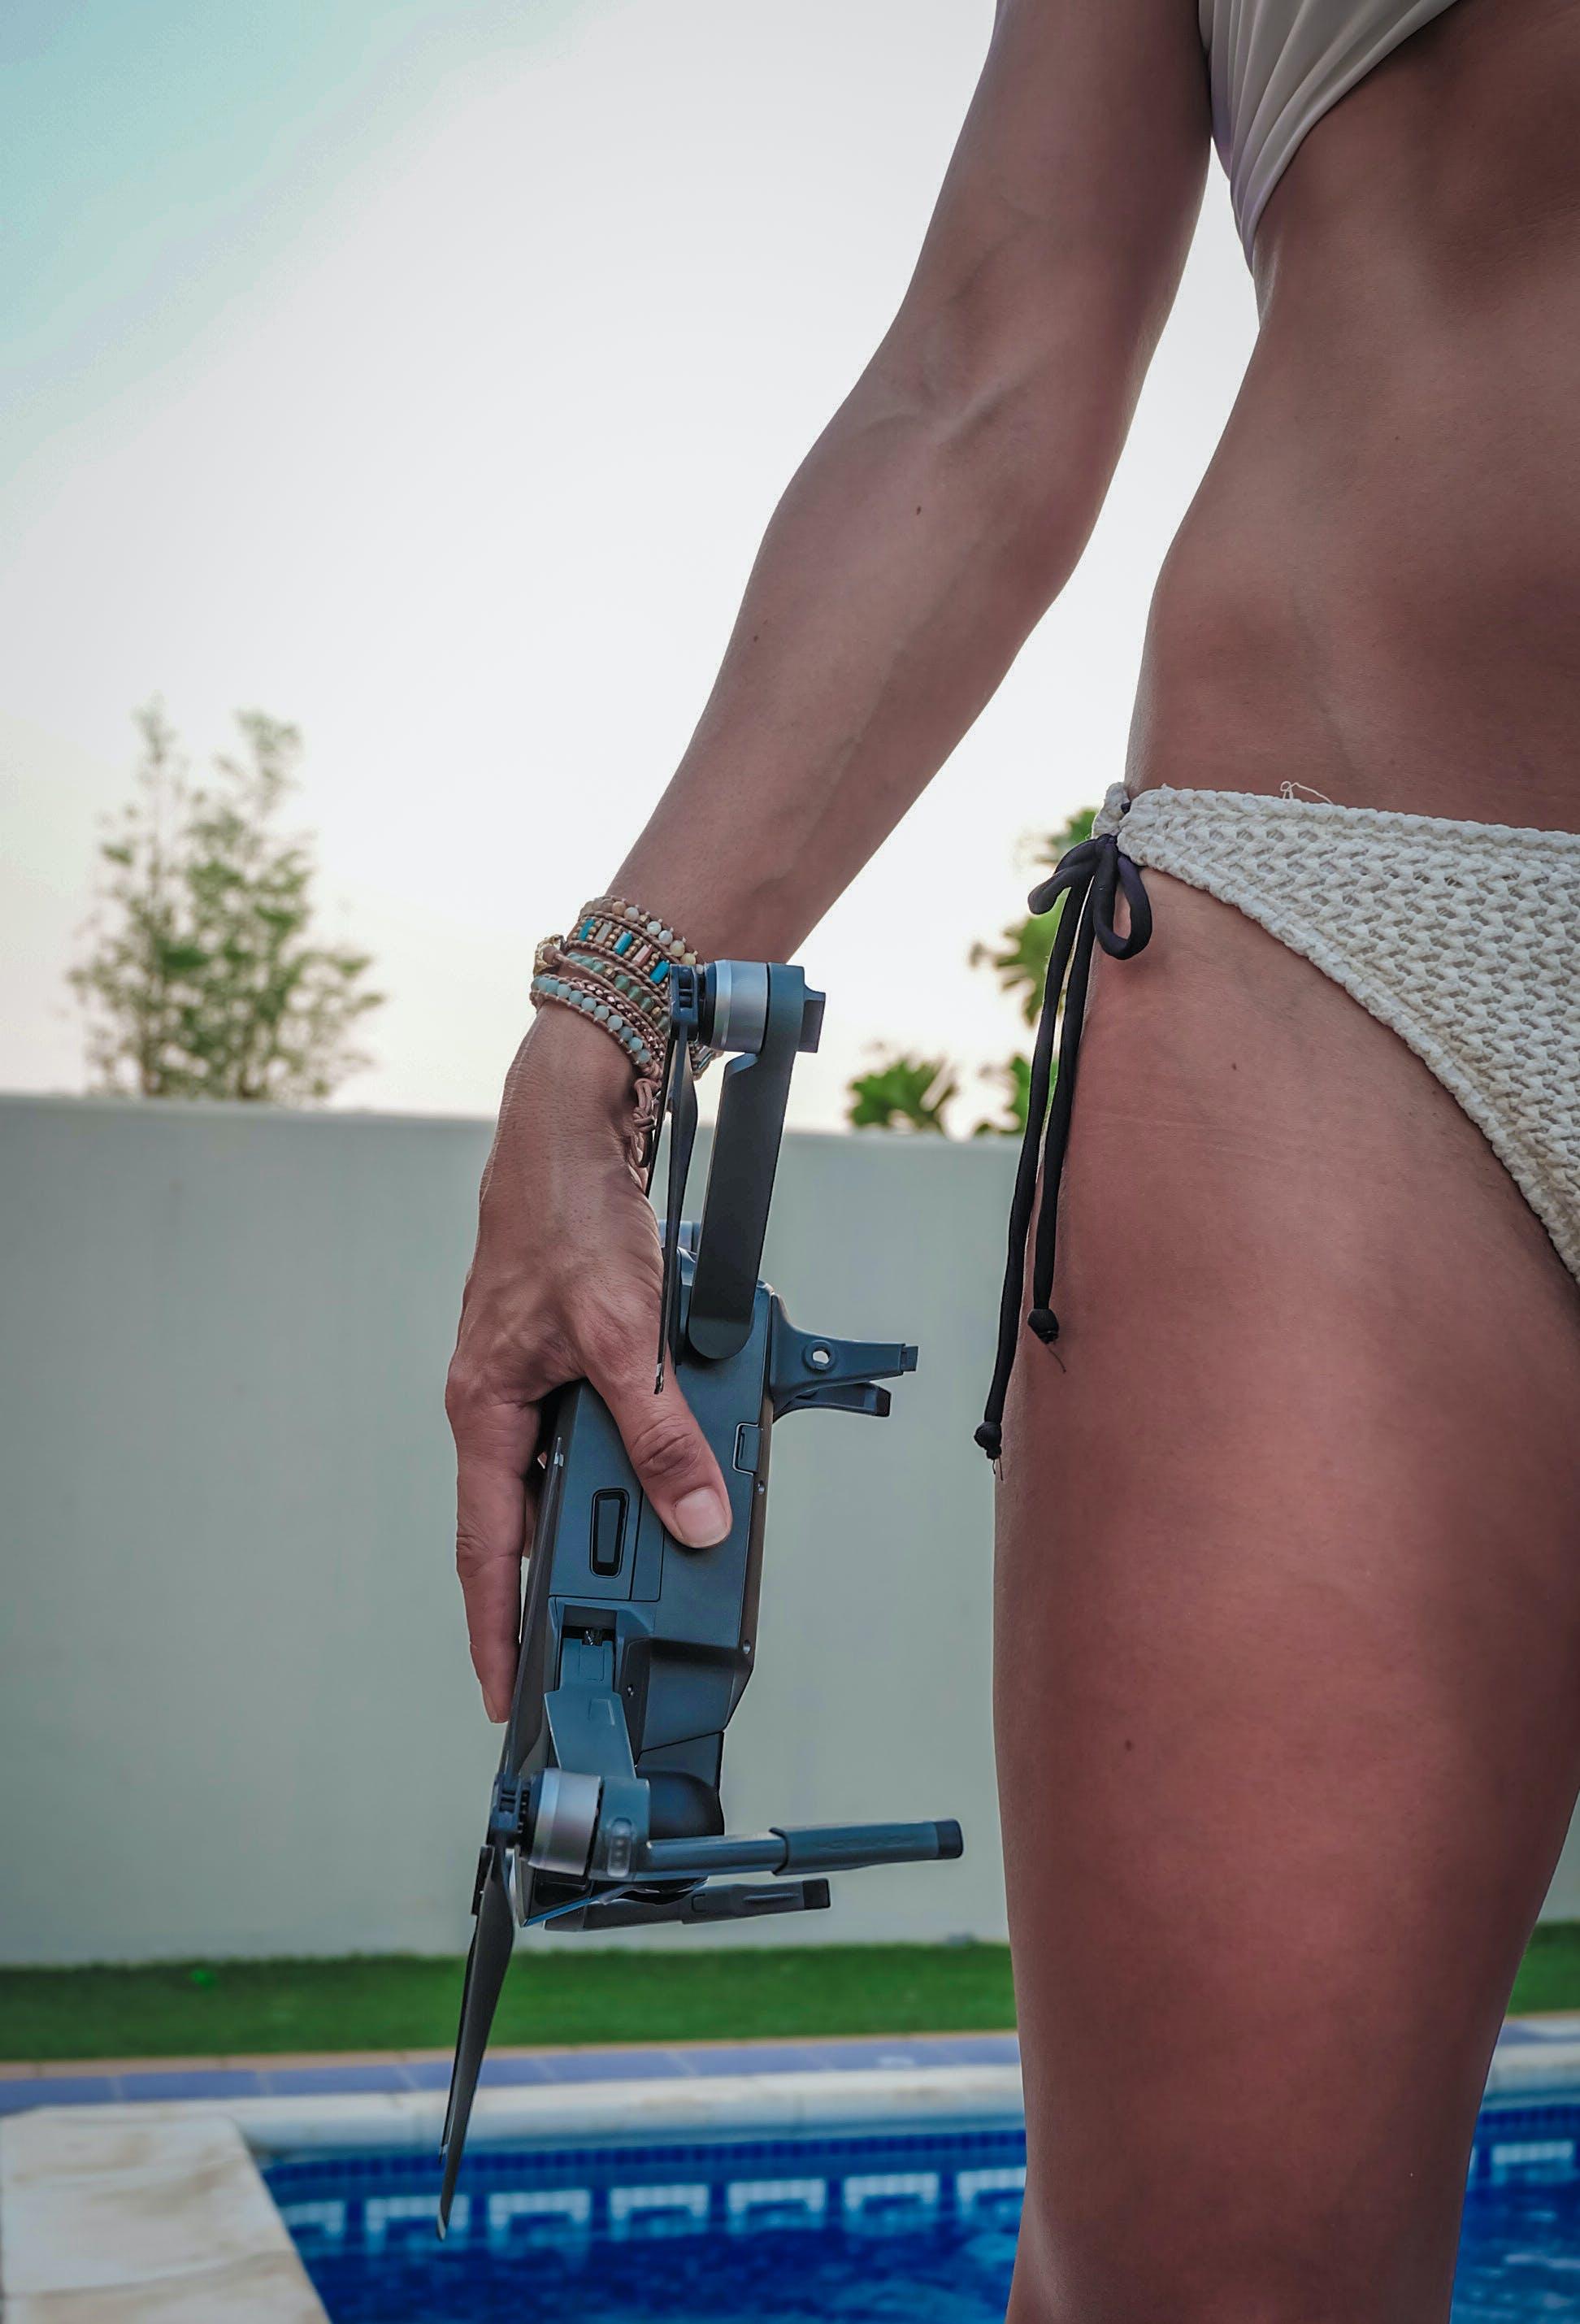 Woman in Gray Bikini Holding Quadcopter on Swimming Pool